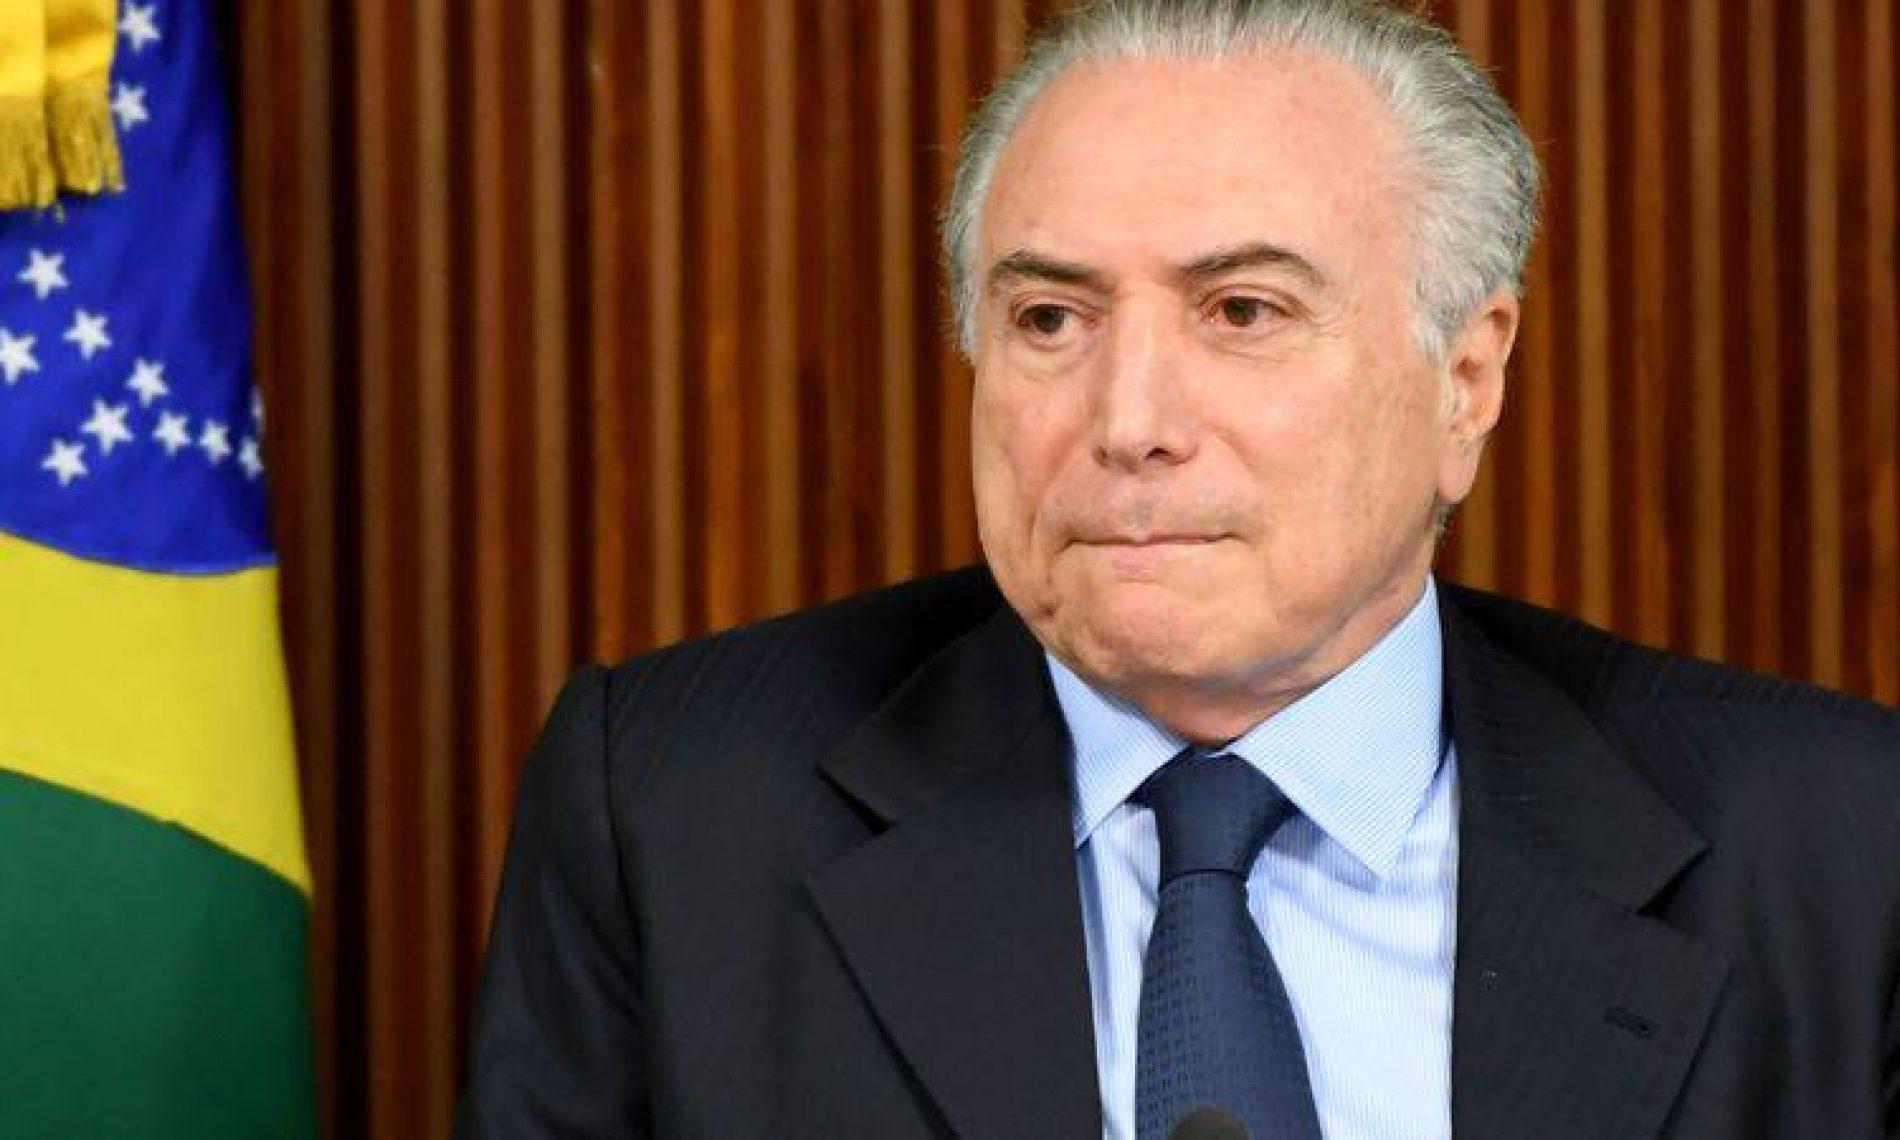 Presidência divulga nota e diz que Temer não interferiu no Decreto dos Portos